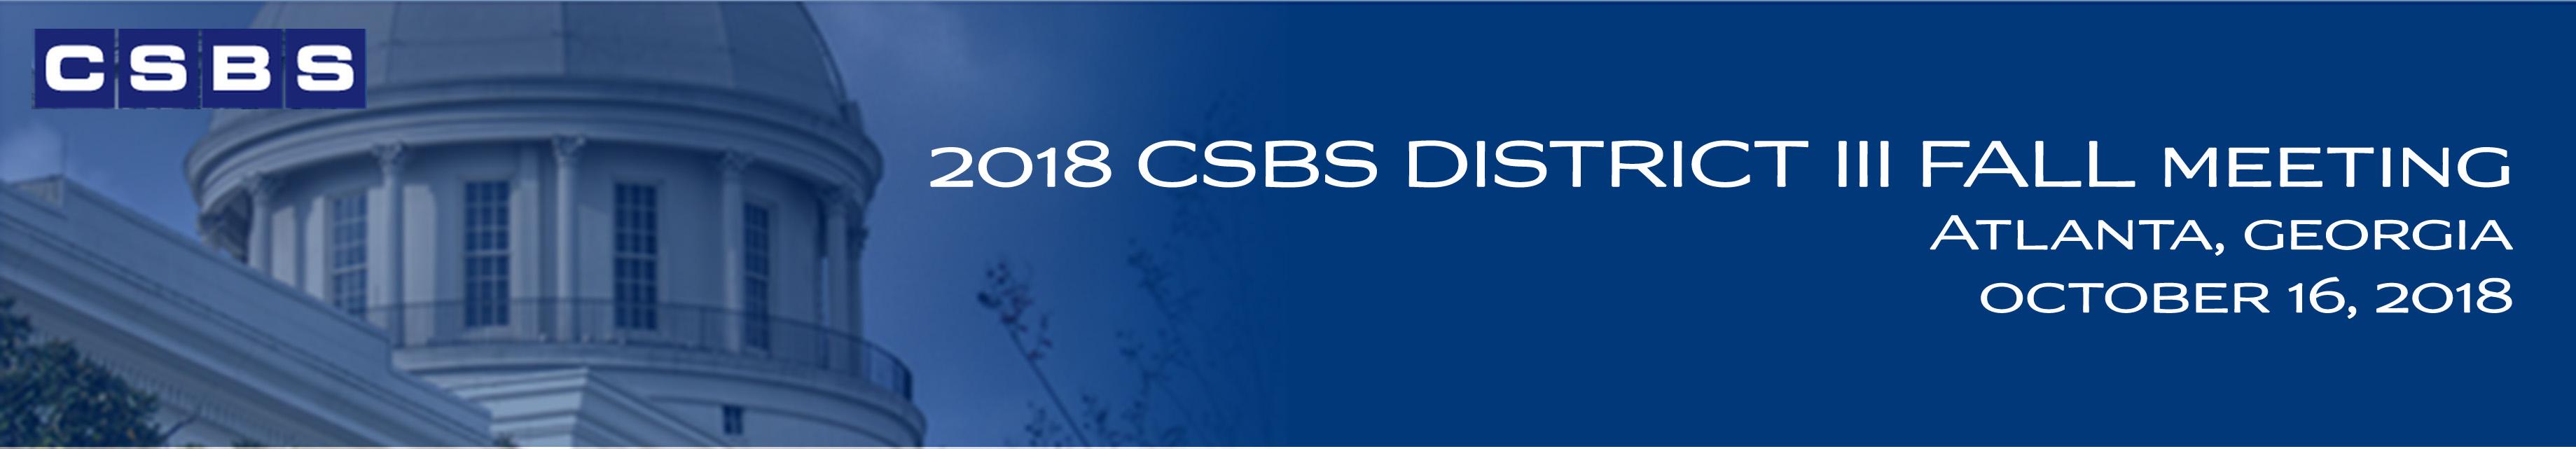 2018 CSBS District III Fall Meeting